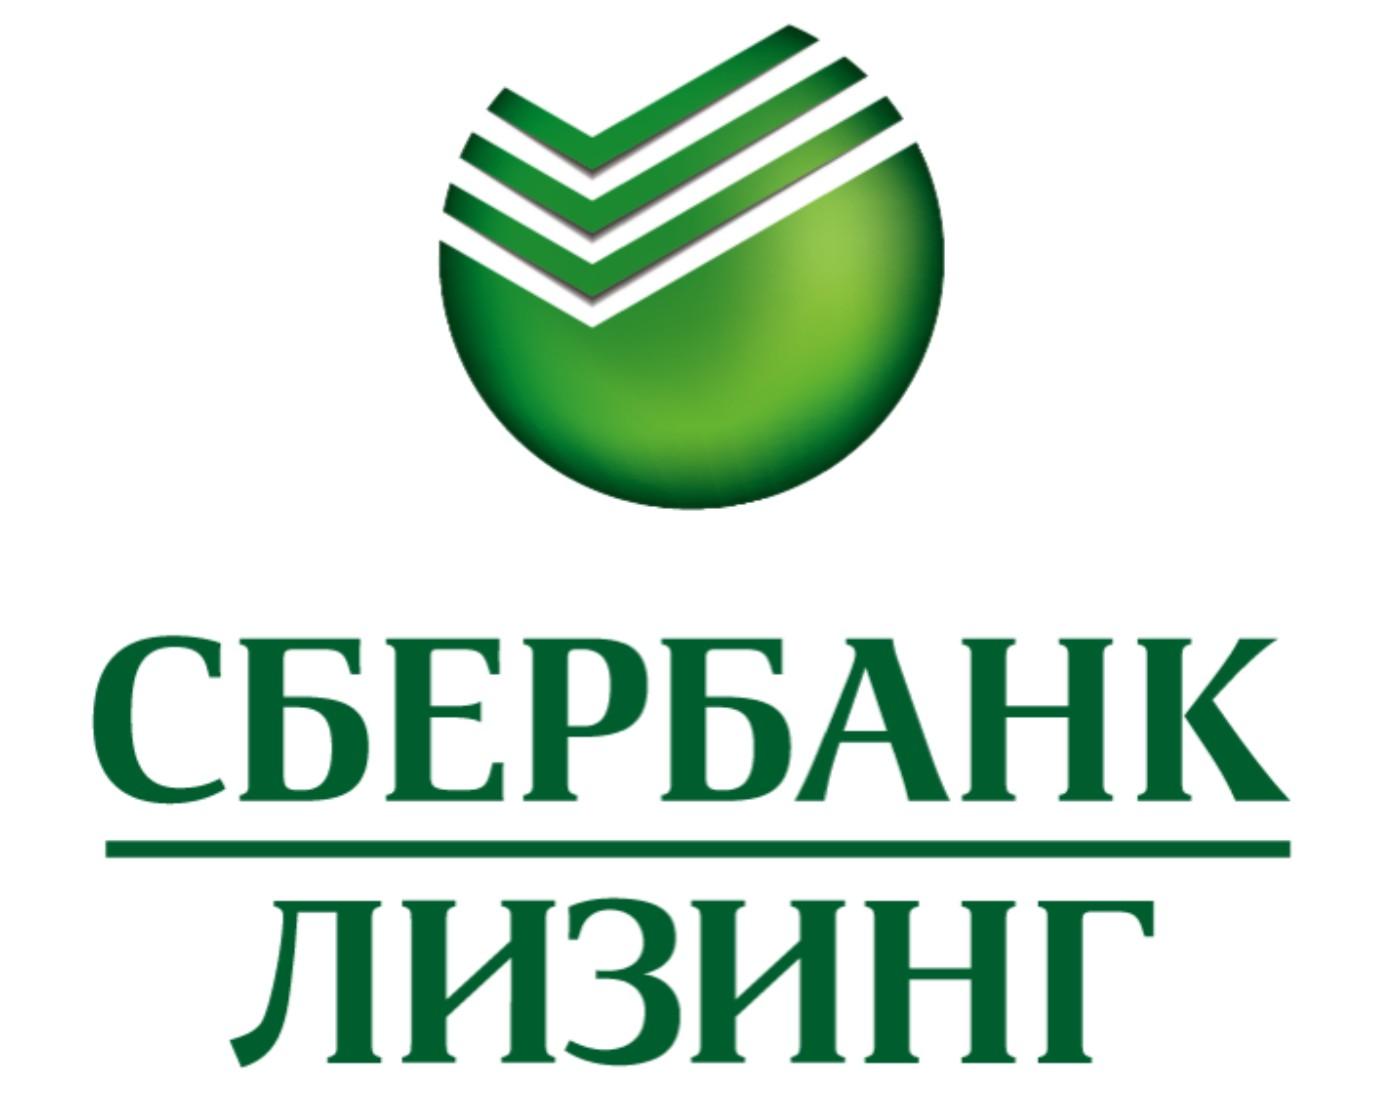 Подготовка к приватизации Сбербанка может начаться при цене 100 рублей за акцию